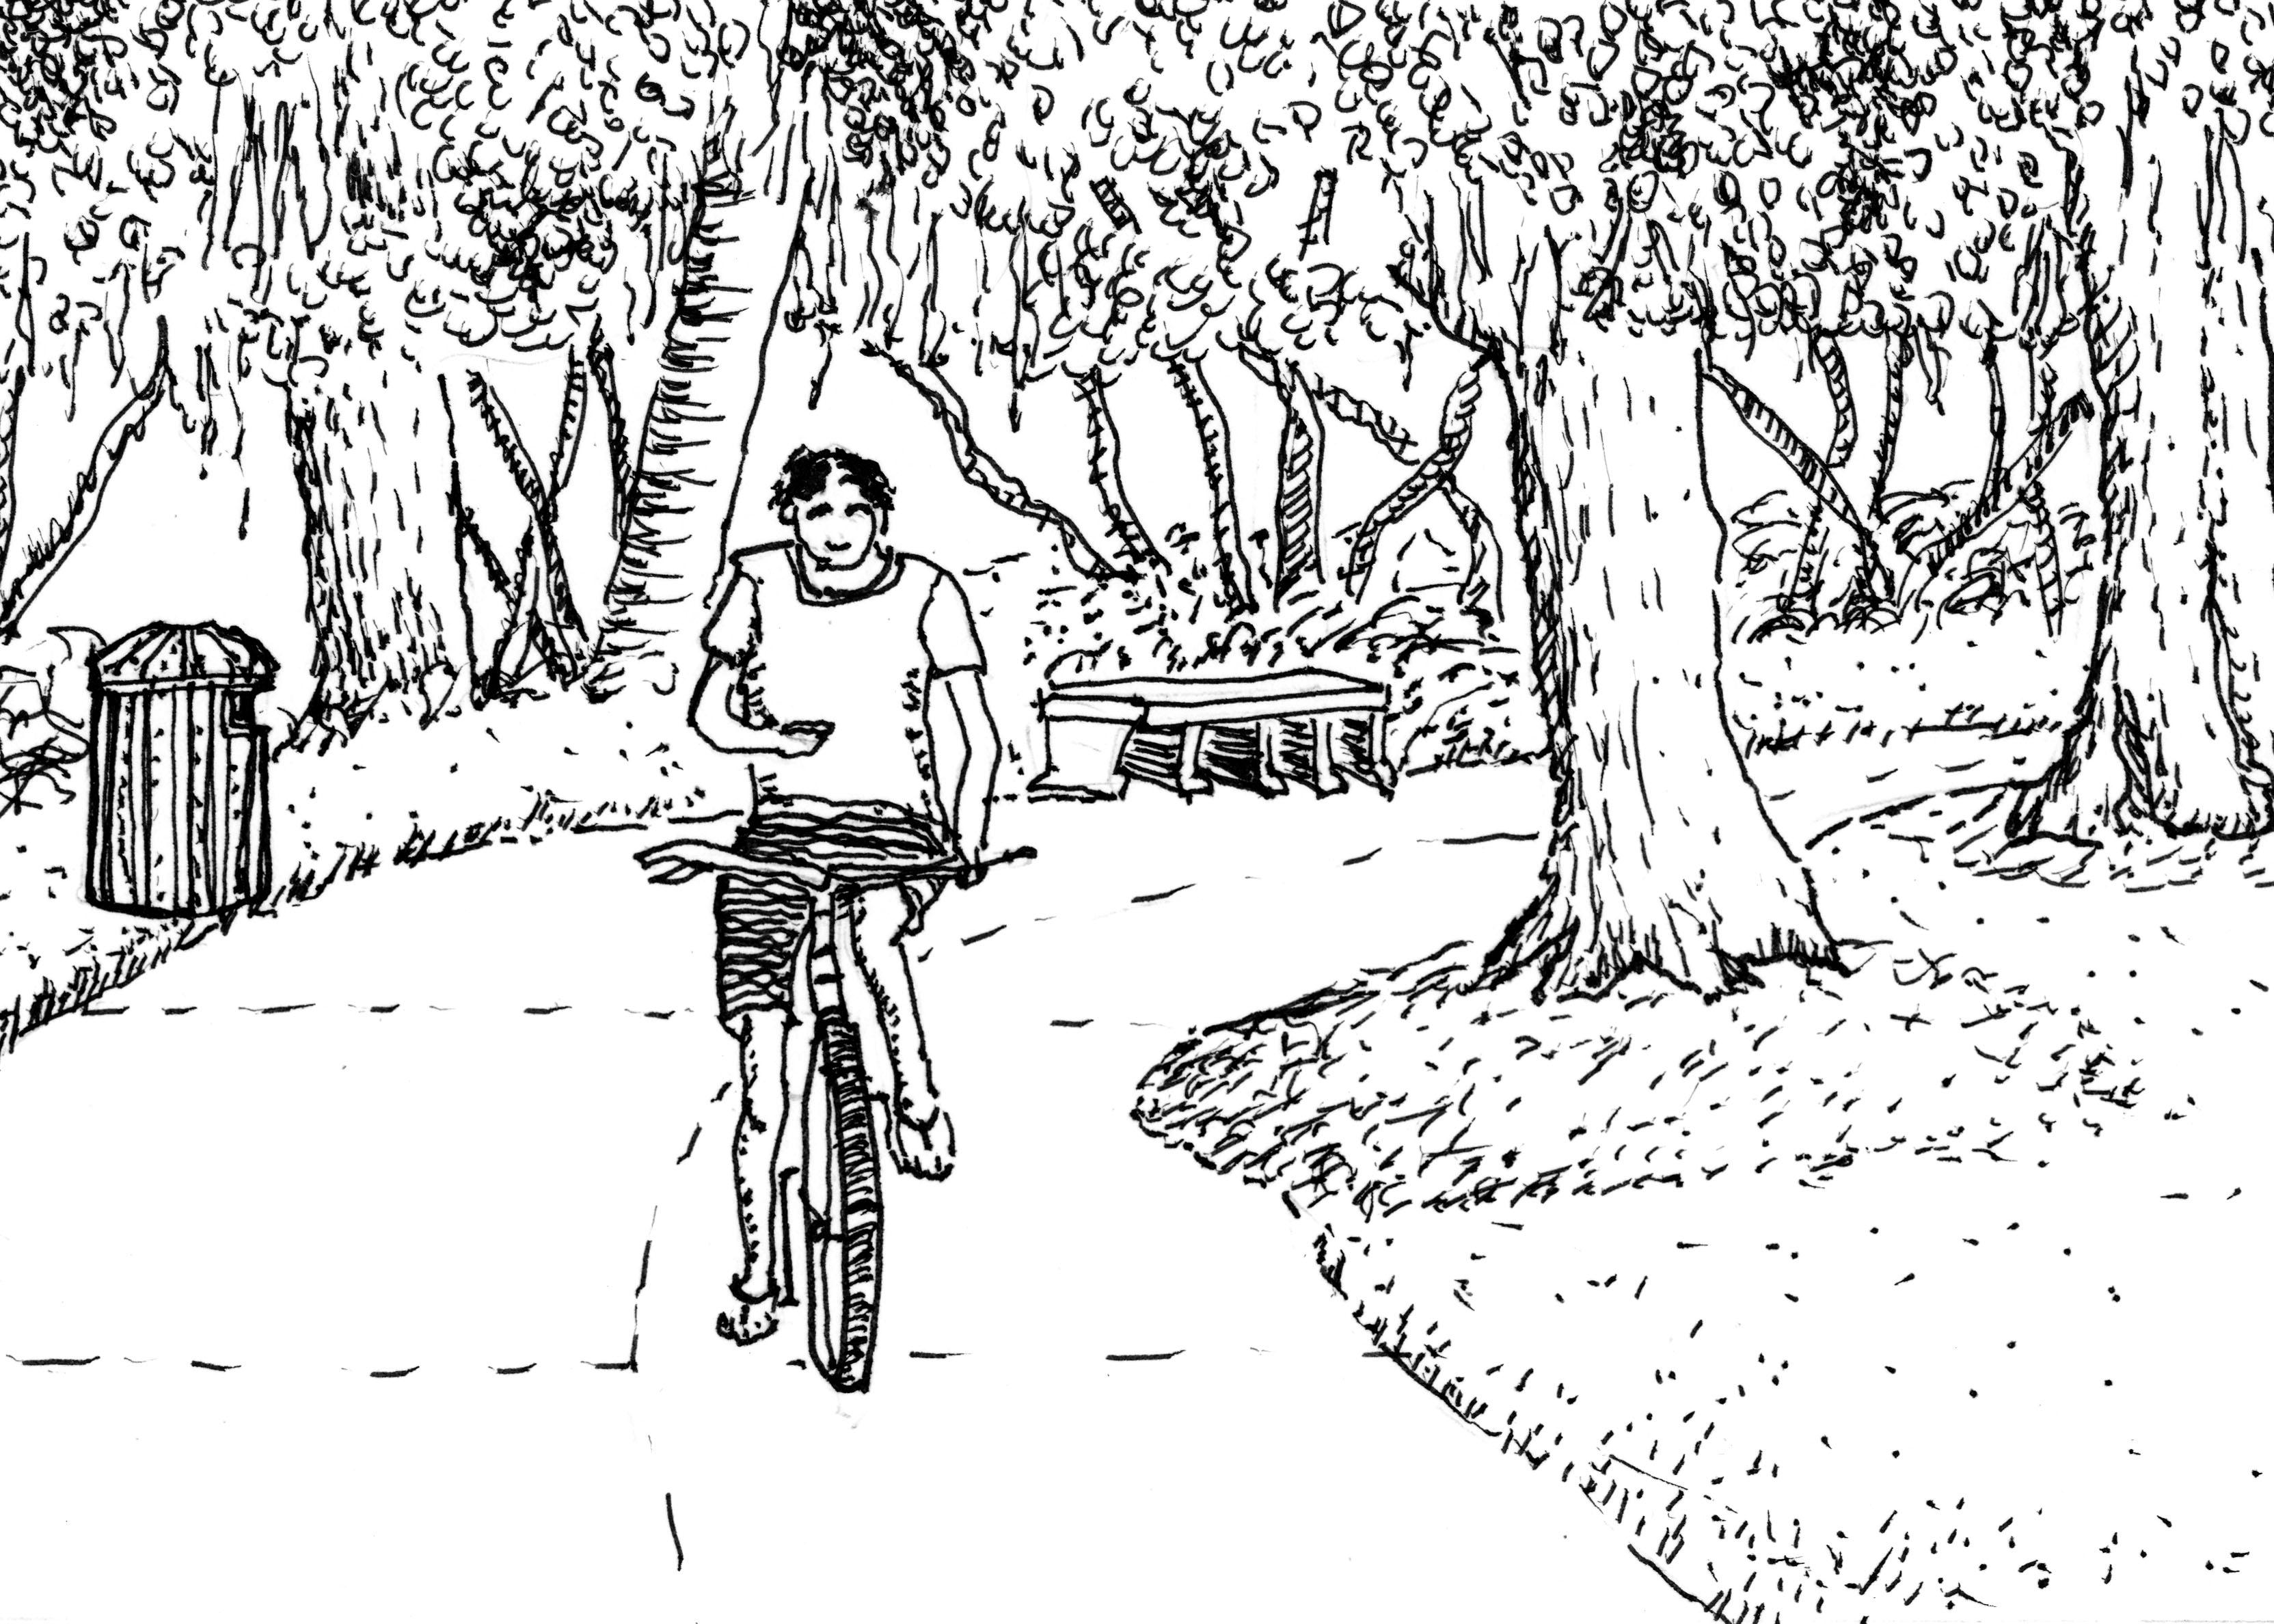 Drawn park Drarwing + Drawing 6 6